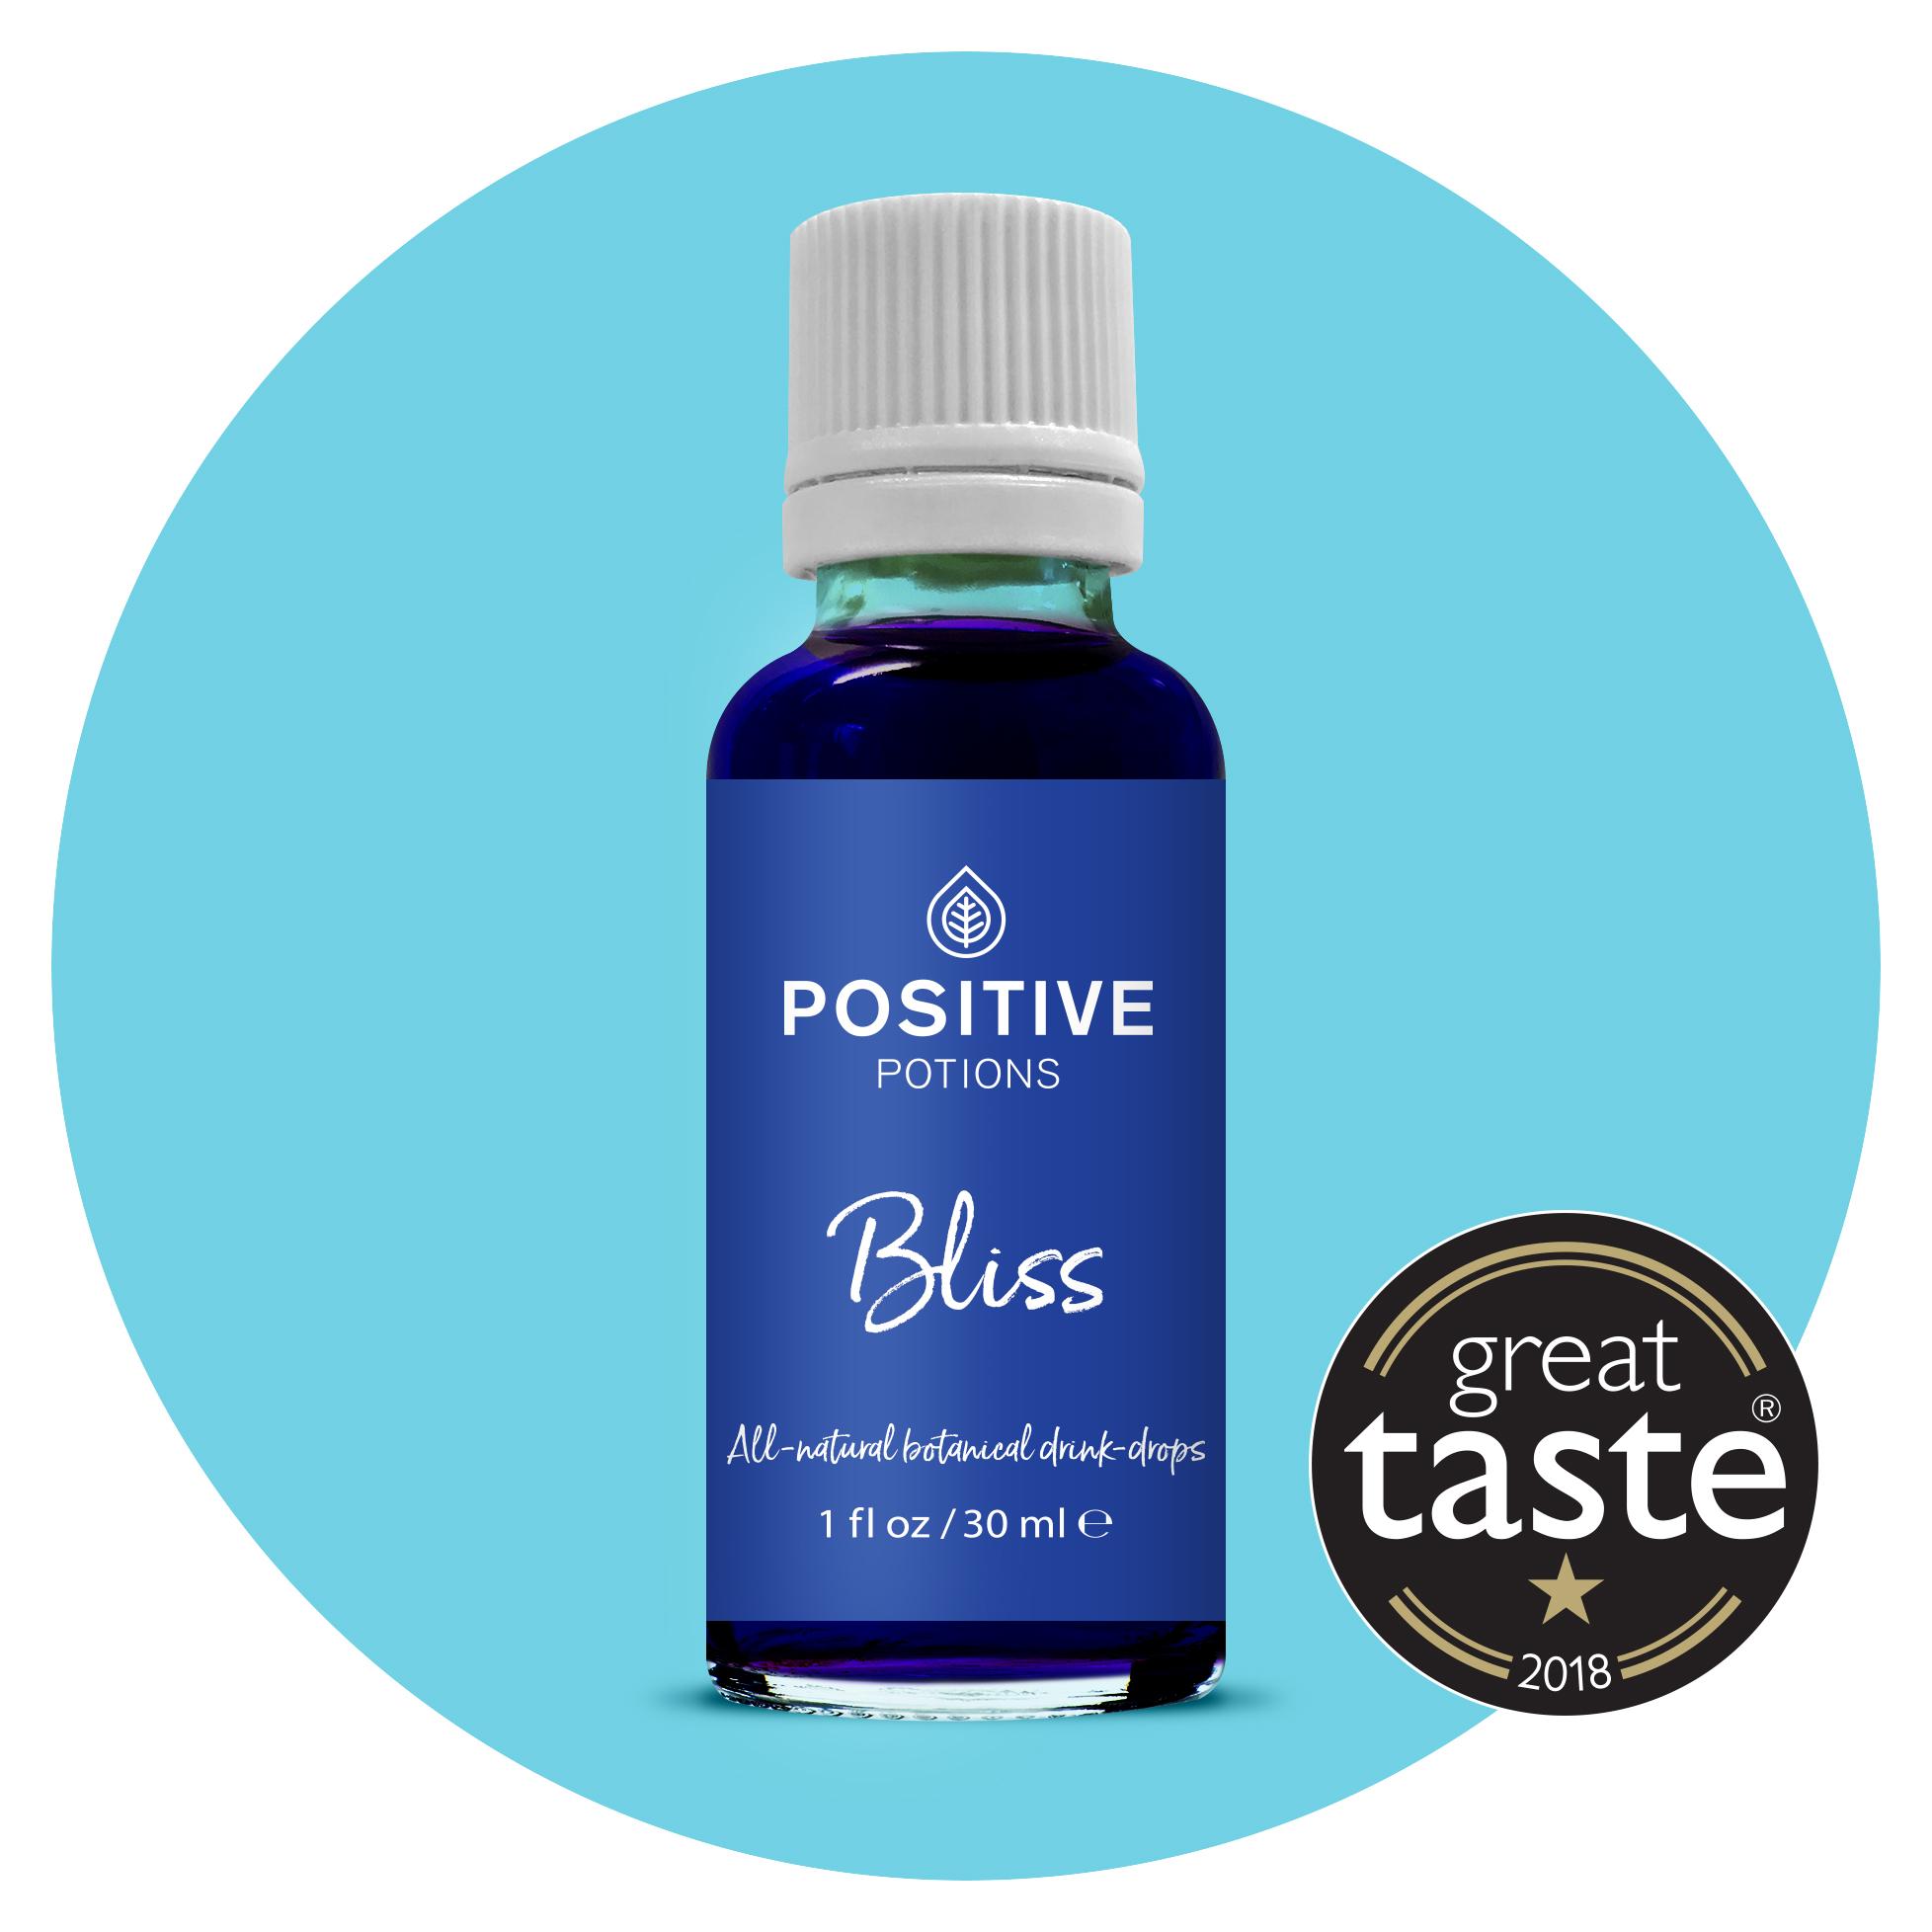 bliss-bottle-front.jpg